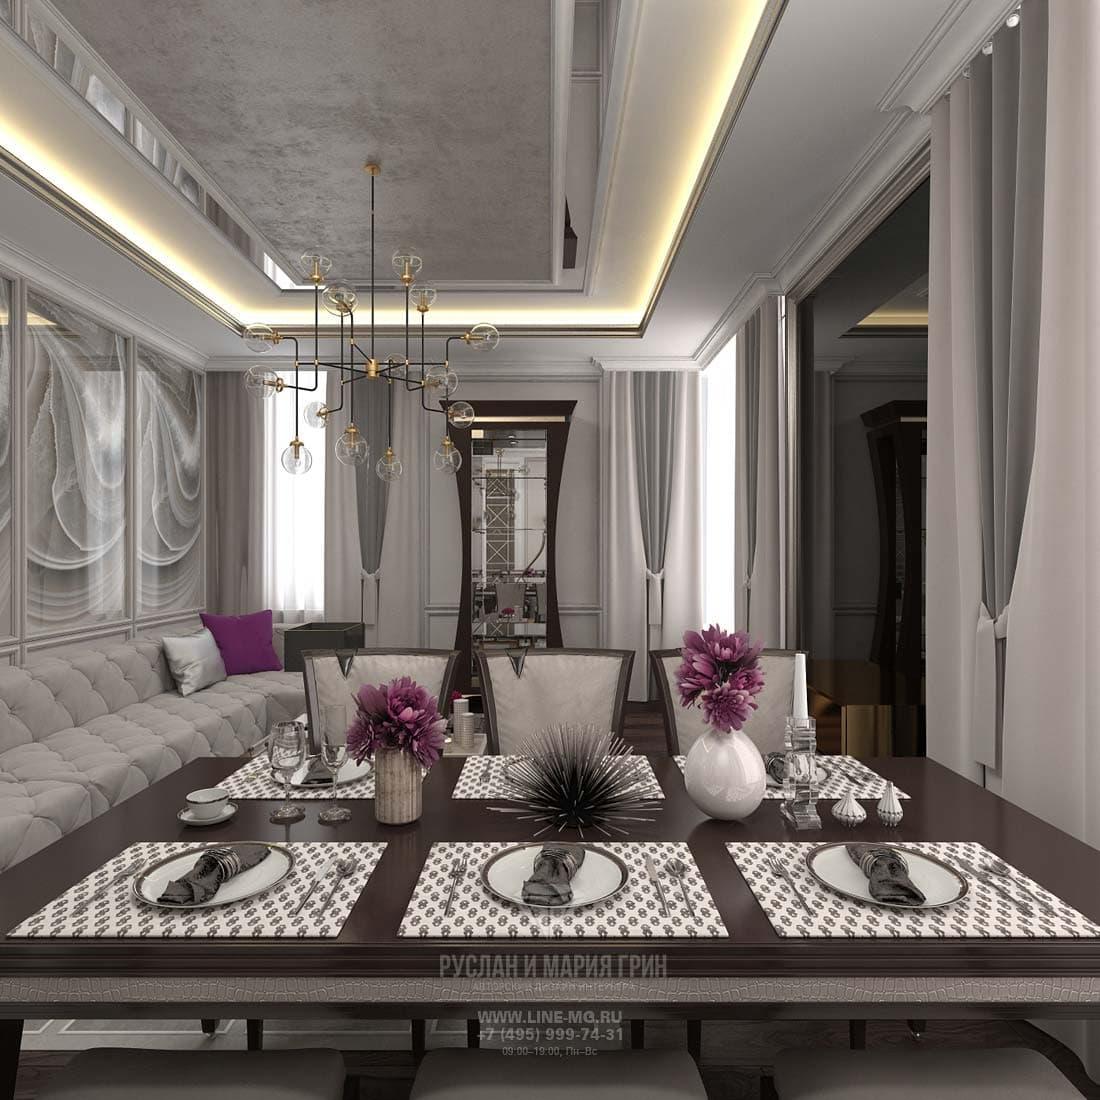 30 идей дизайна интерьера трехкомнатной квартиры 85 кв. Метров в современном стиле